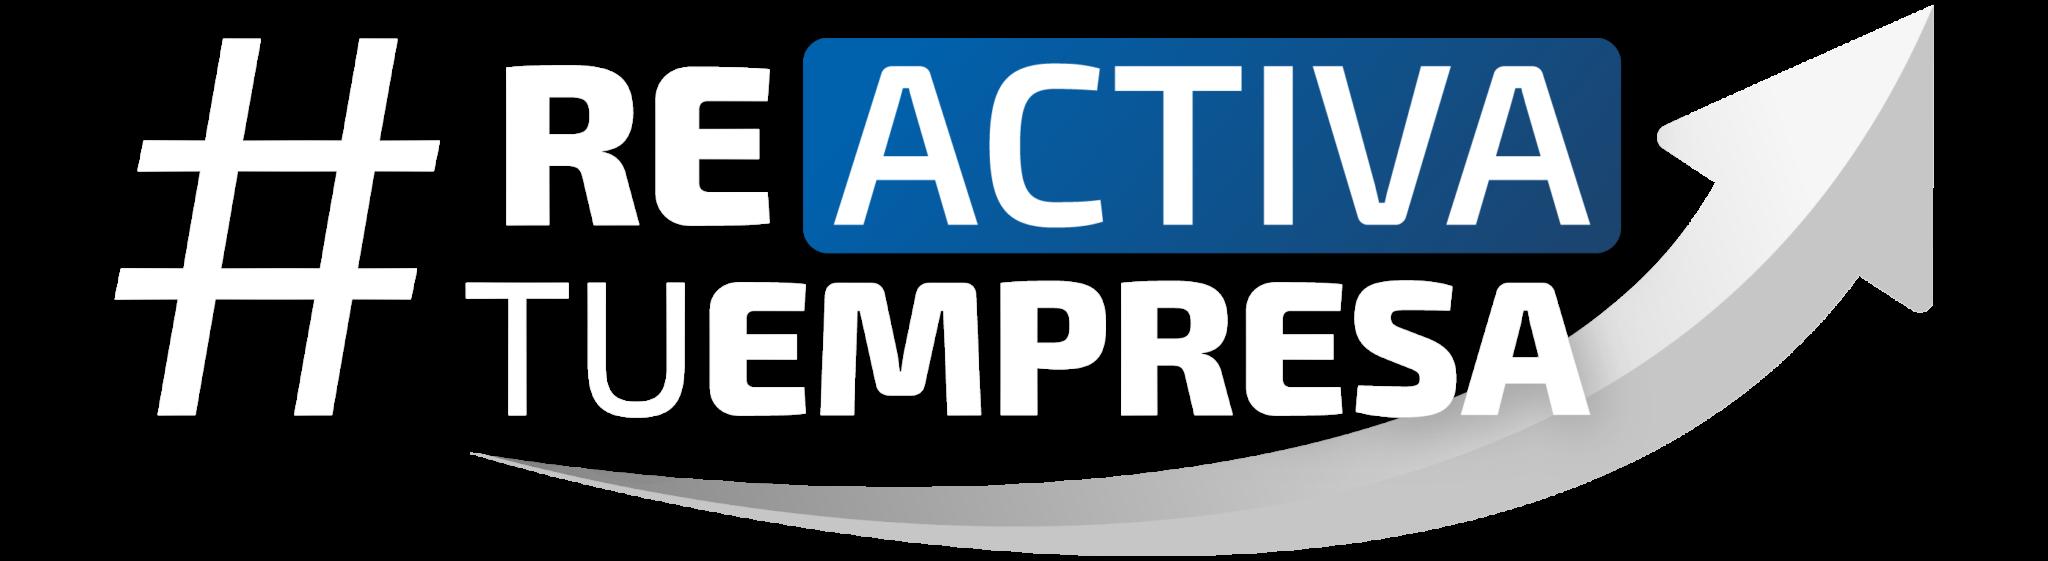 #reactiva tu empresa.logo